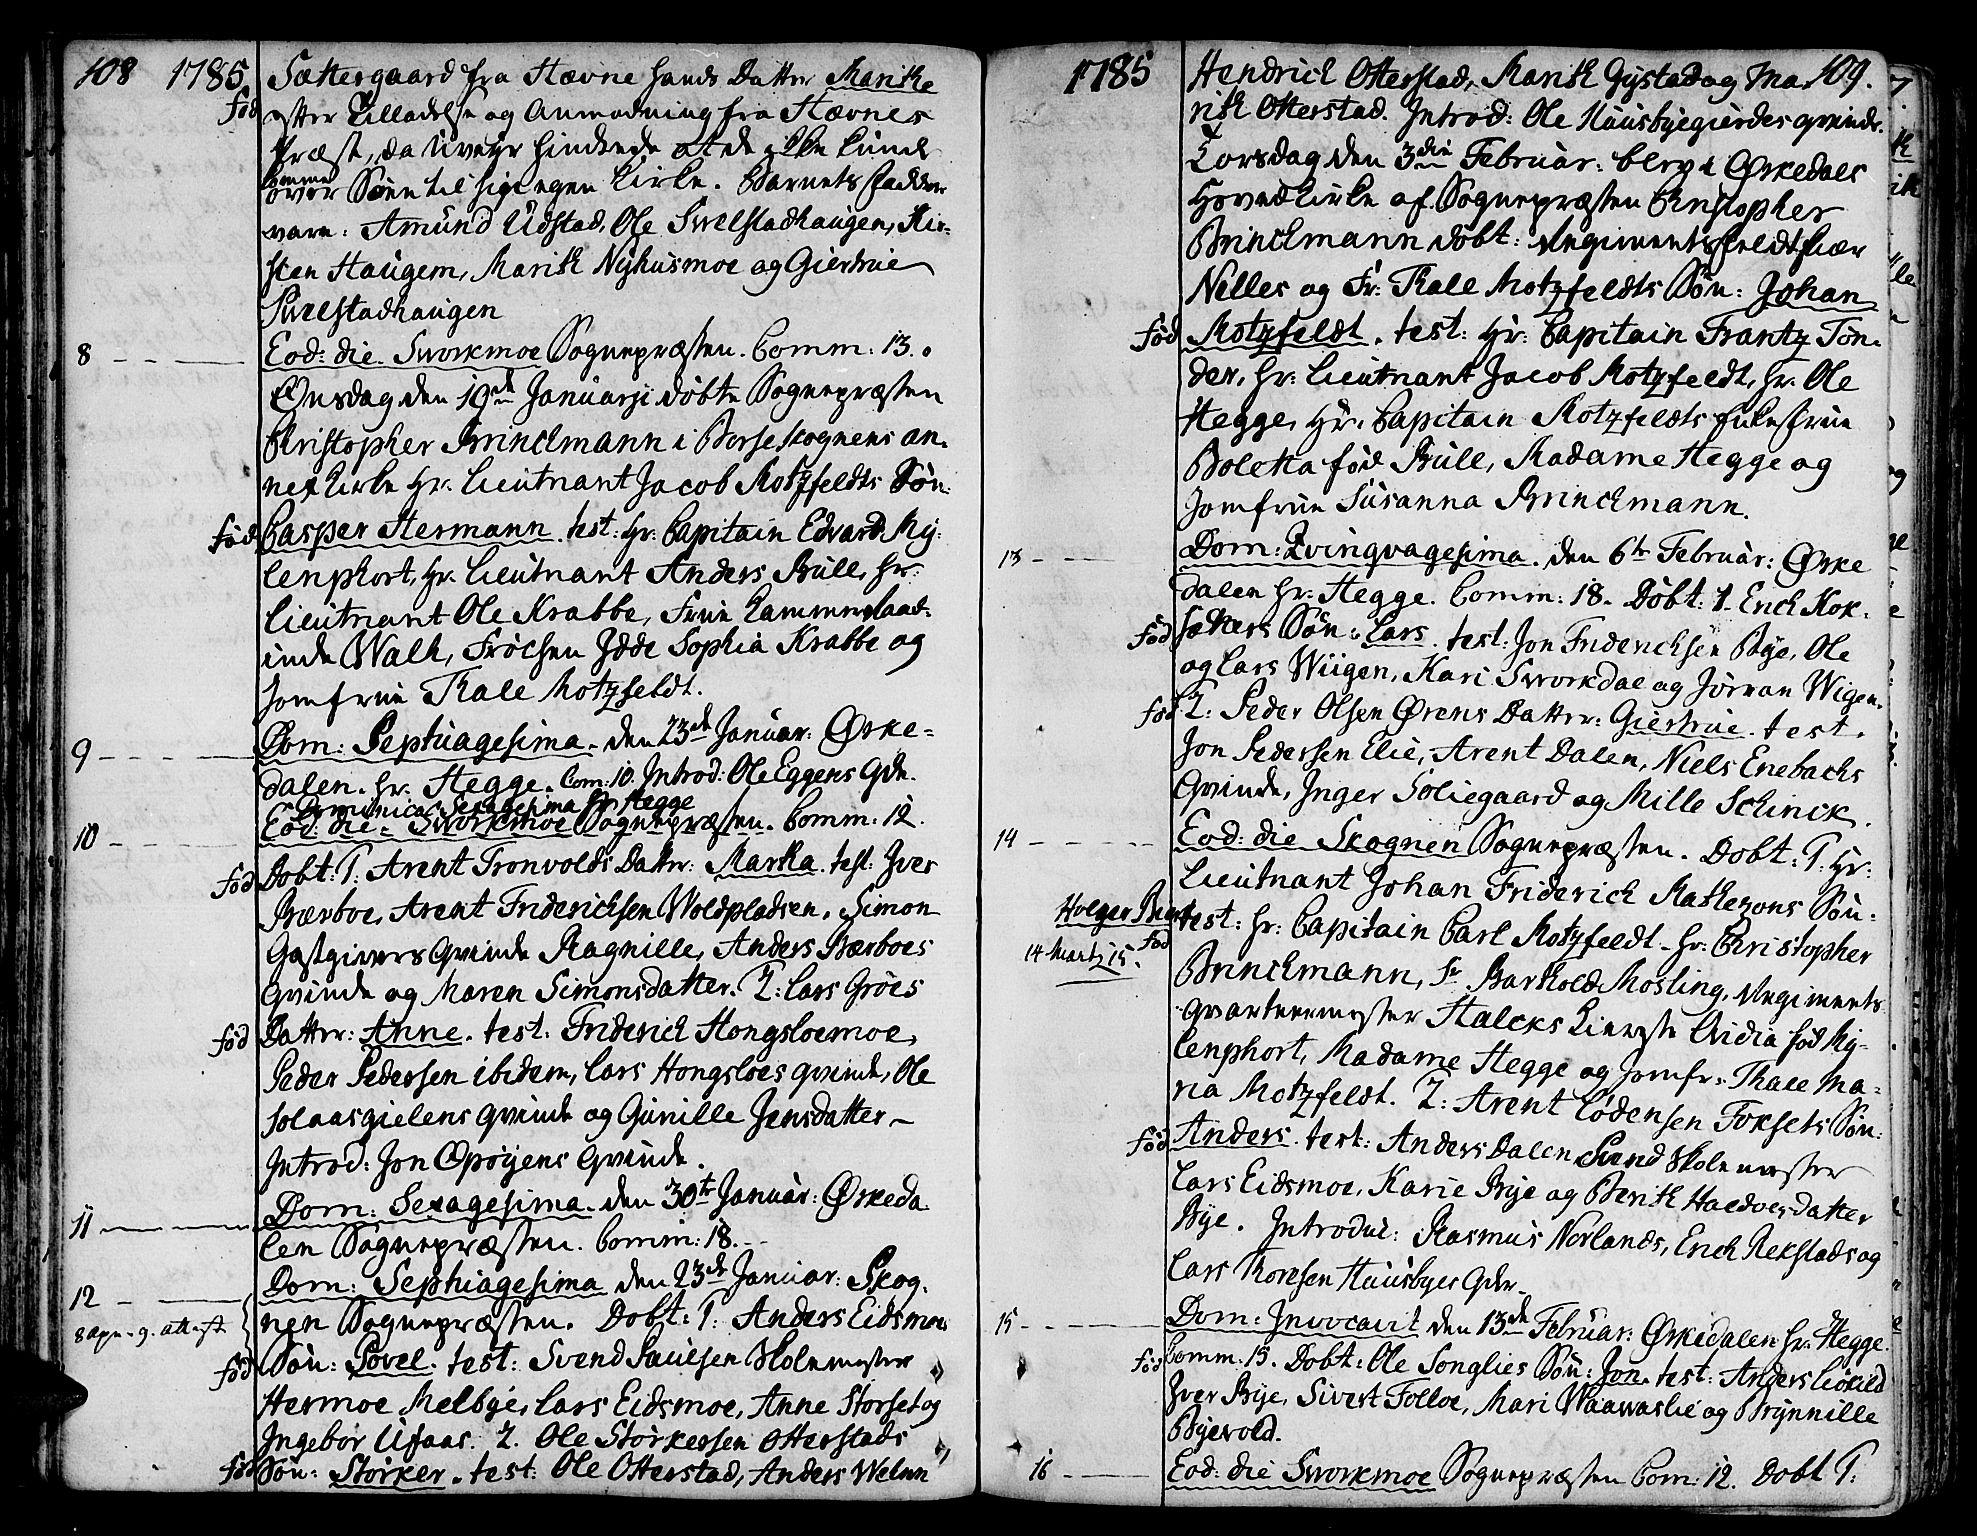 SAT, Ministerialprotokoller, klokkerbøker og fødselsregistre - Sør-Trøndelag, 668/L0802: Ministerialbok nr. 668A02, 1776-1799, s. 108-109